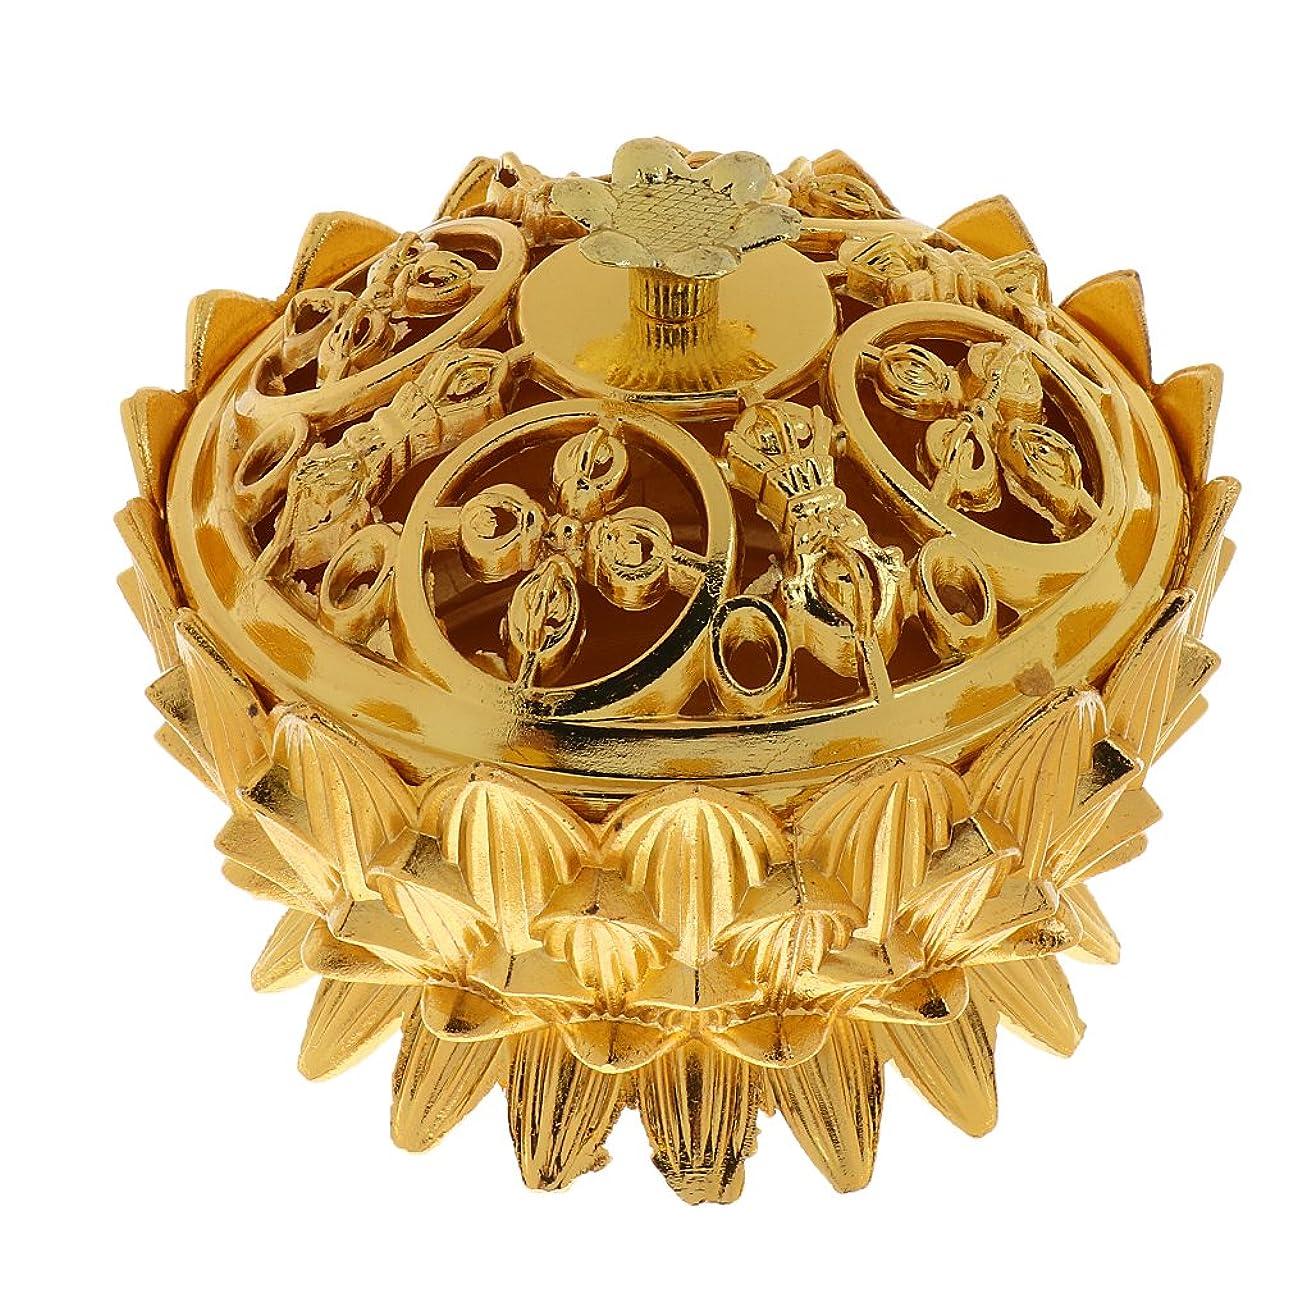 混沌提案する最悪Fityle 合金 ロータス 香炉 バーナー コーンホルダー 仏教 家 装飾品 全3選択 - #3